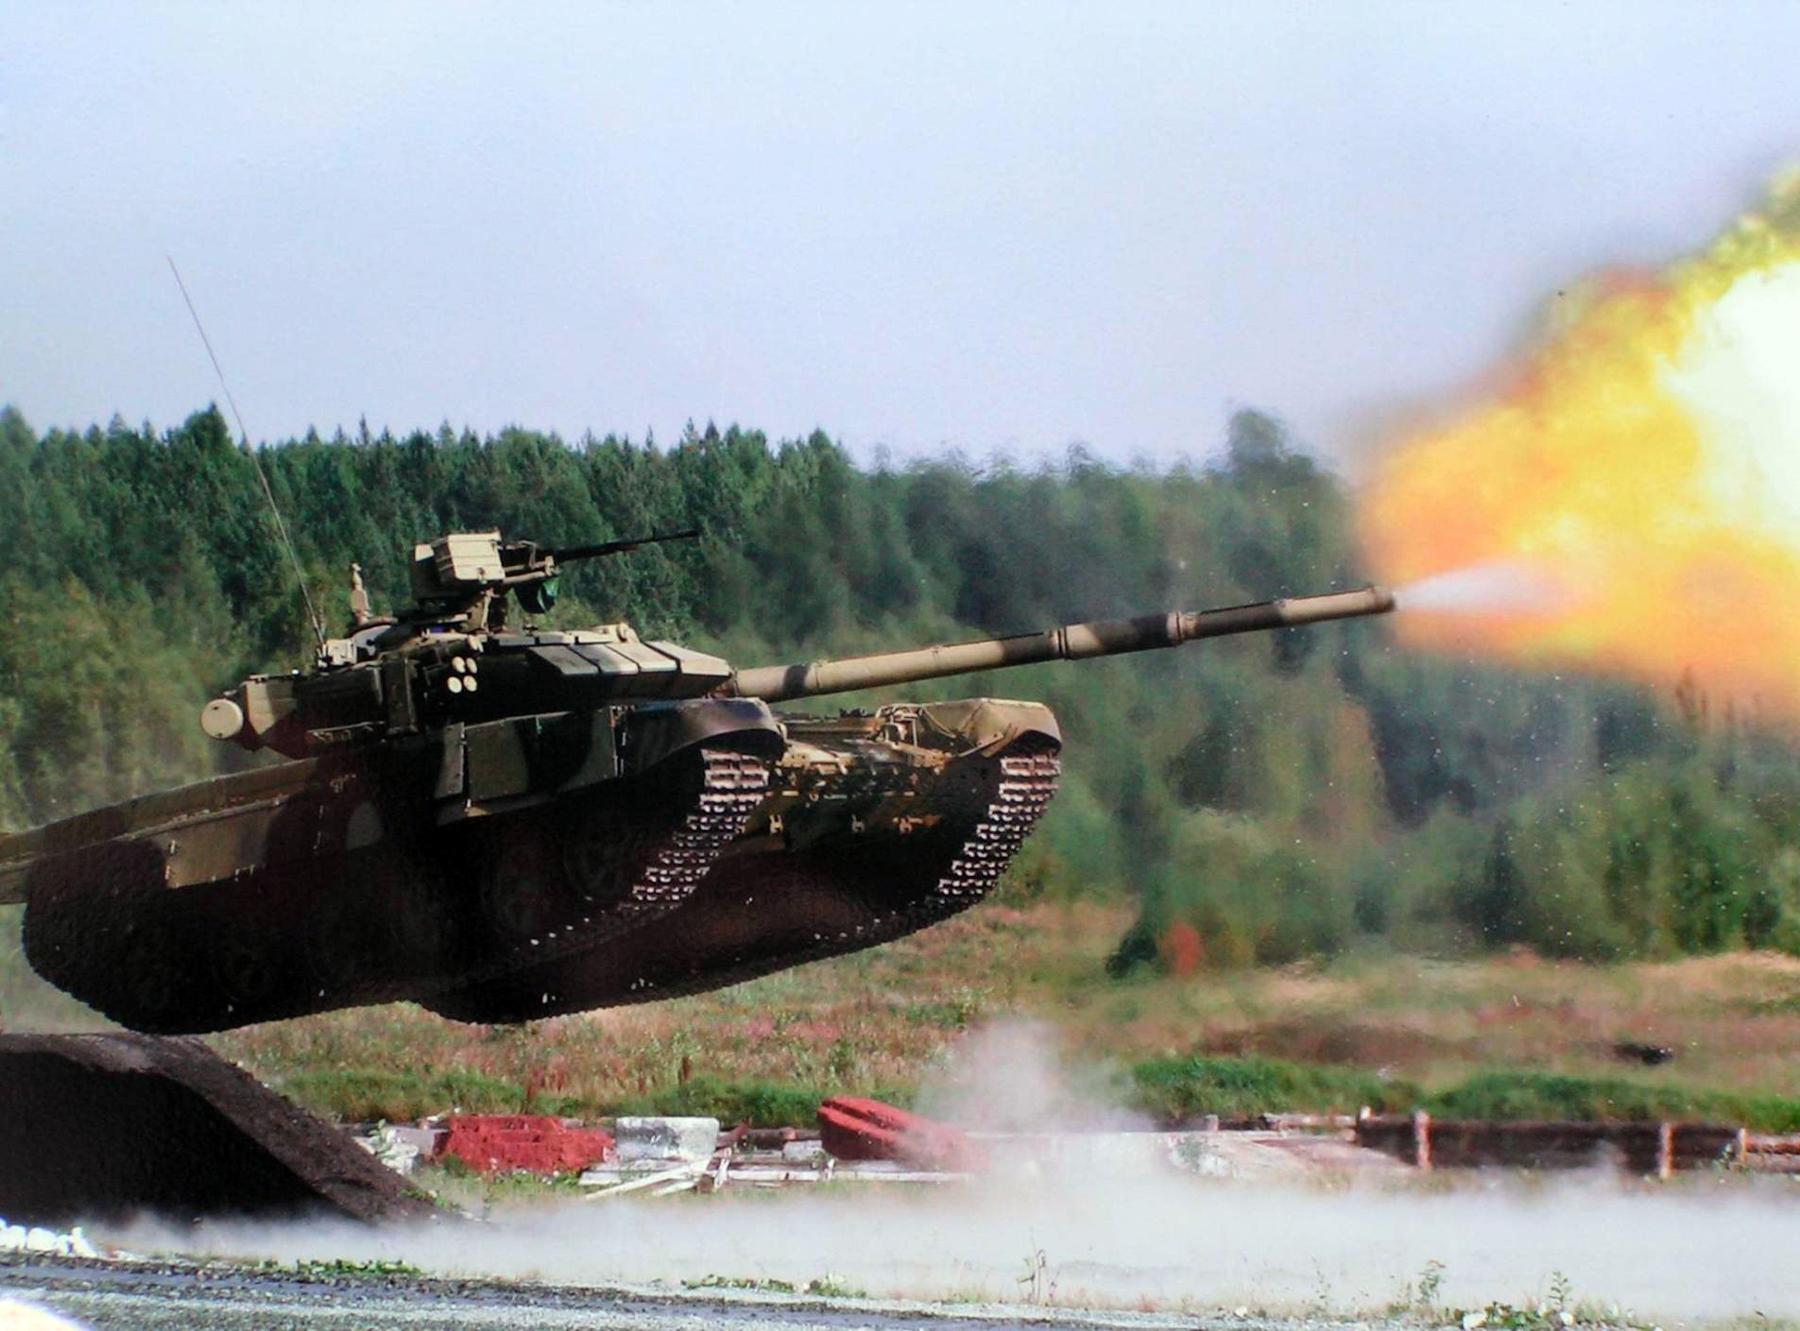 красивые фото русской военной техники нежно